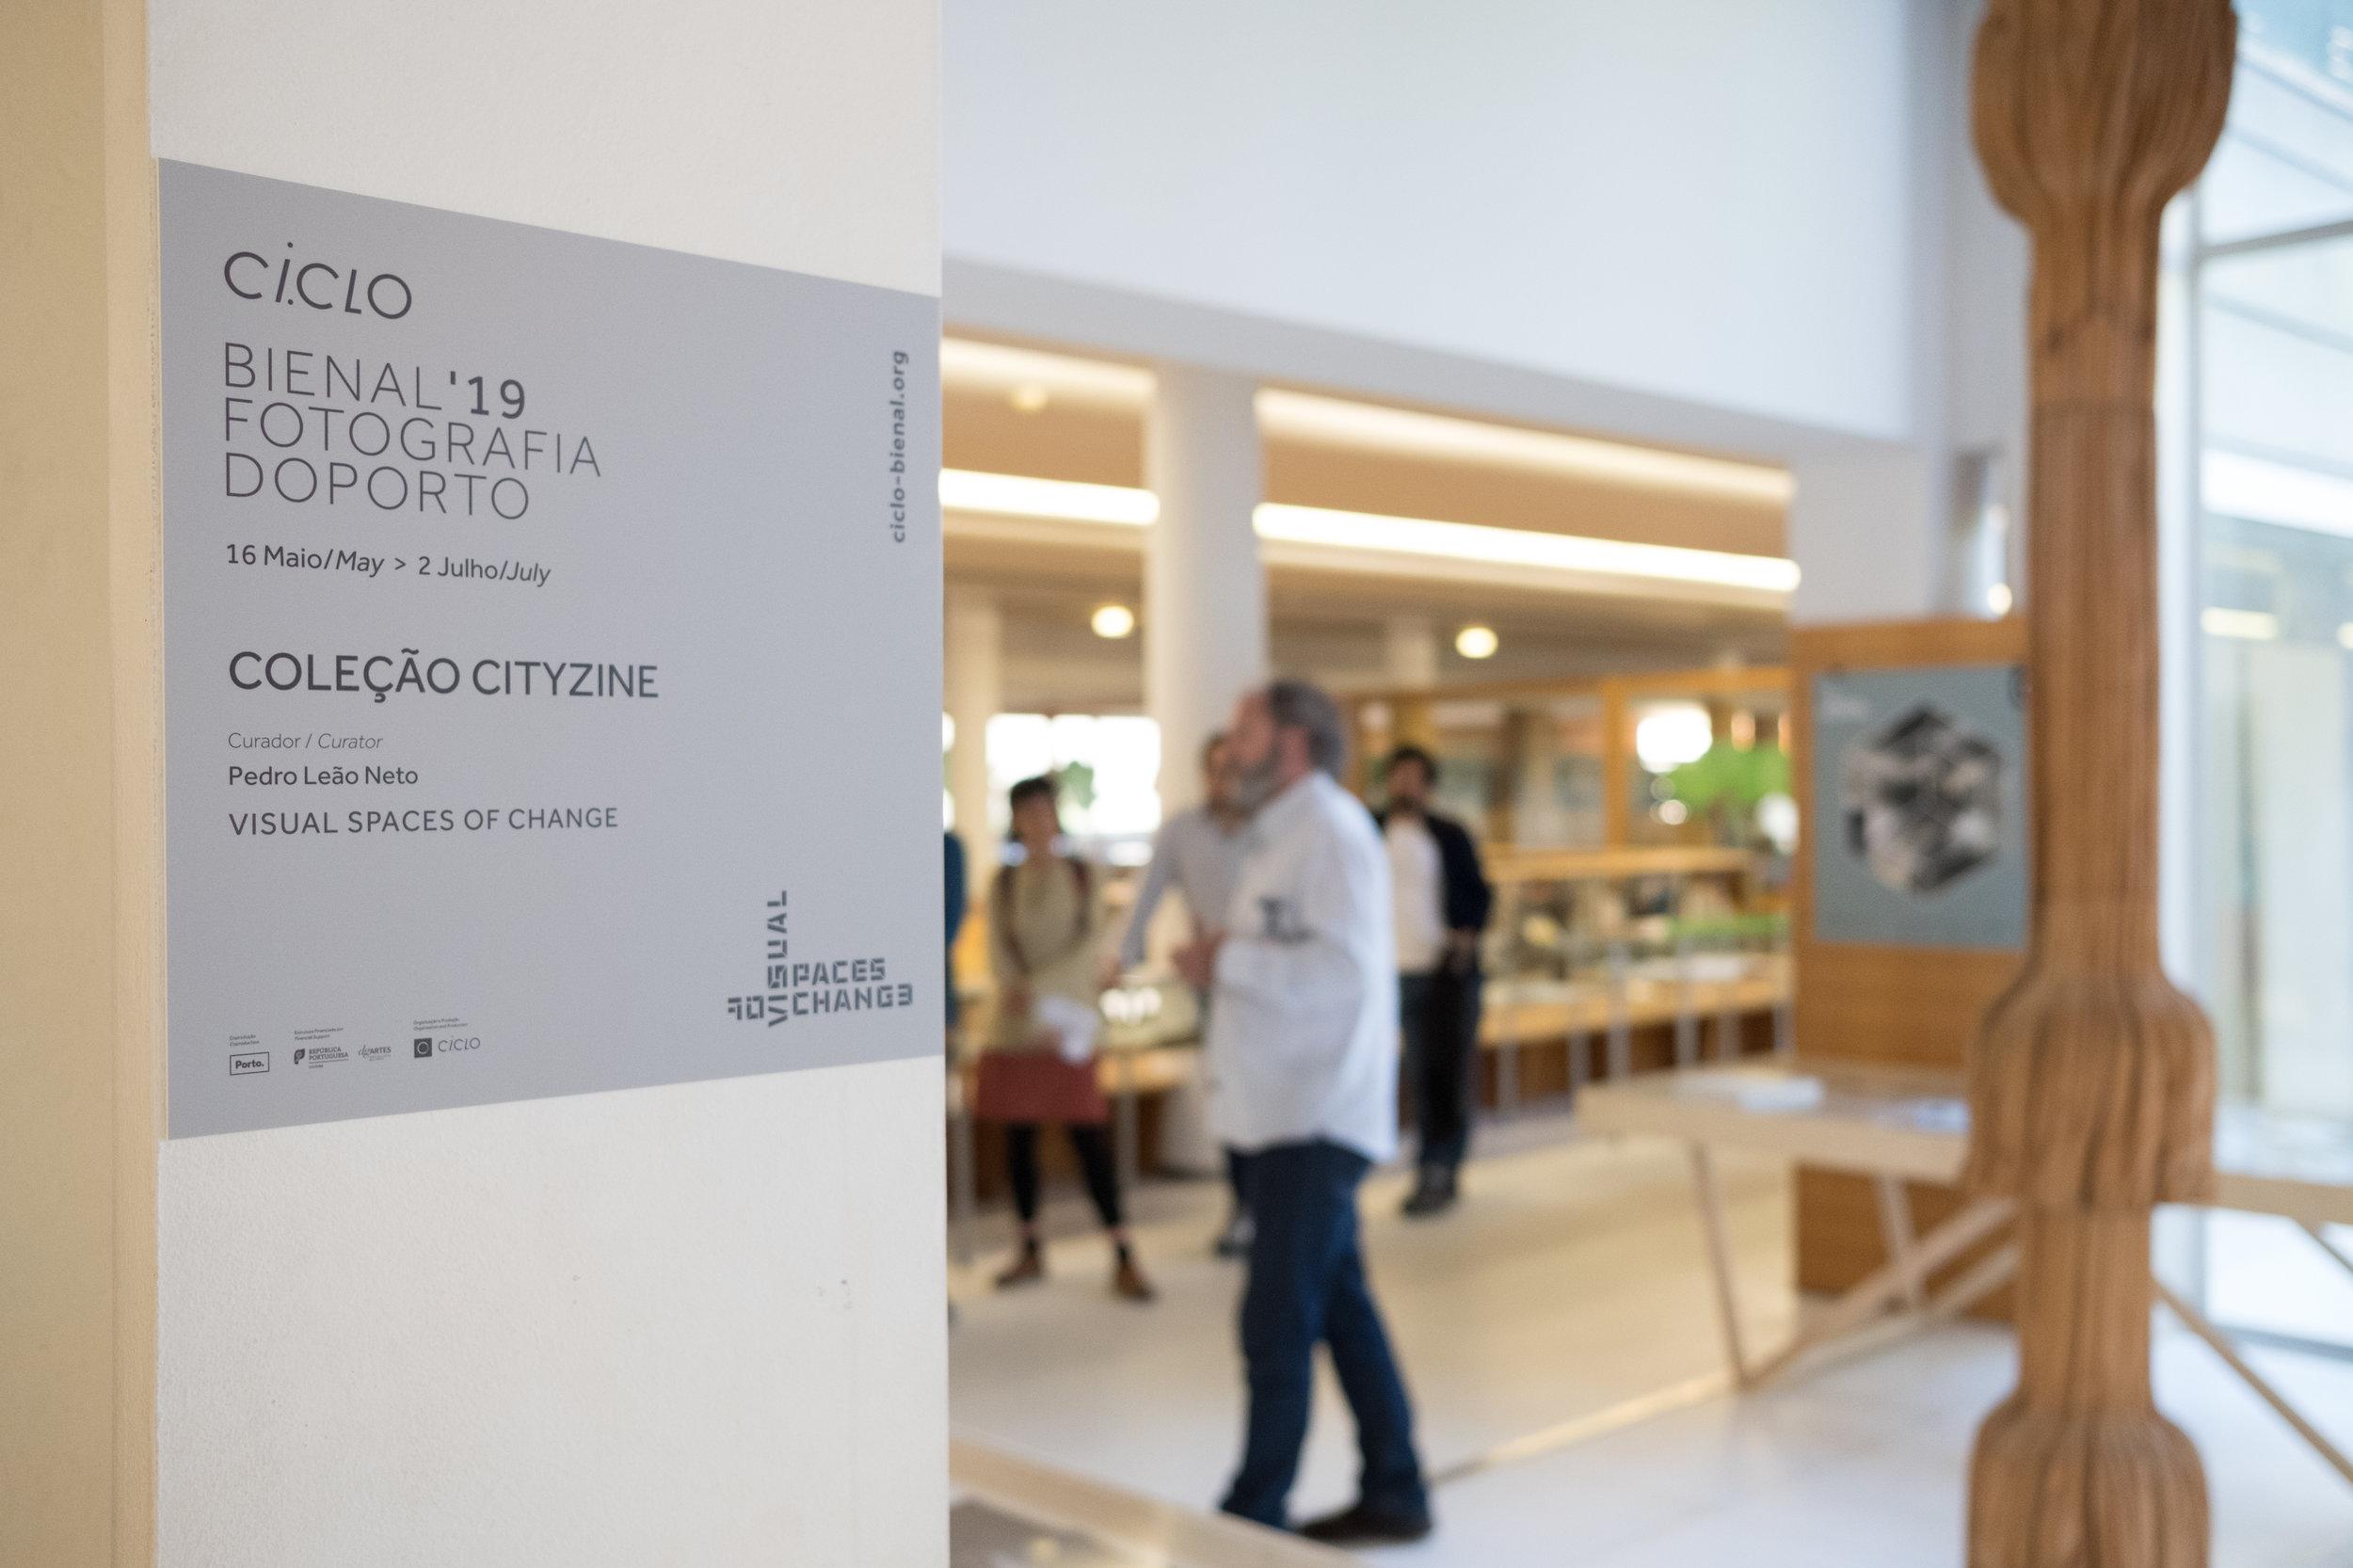 Sessão de apresentação do projecto VSC /Ci.CLO Bienal Fotografia do Porto 2019